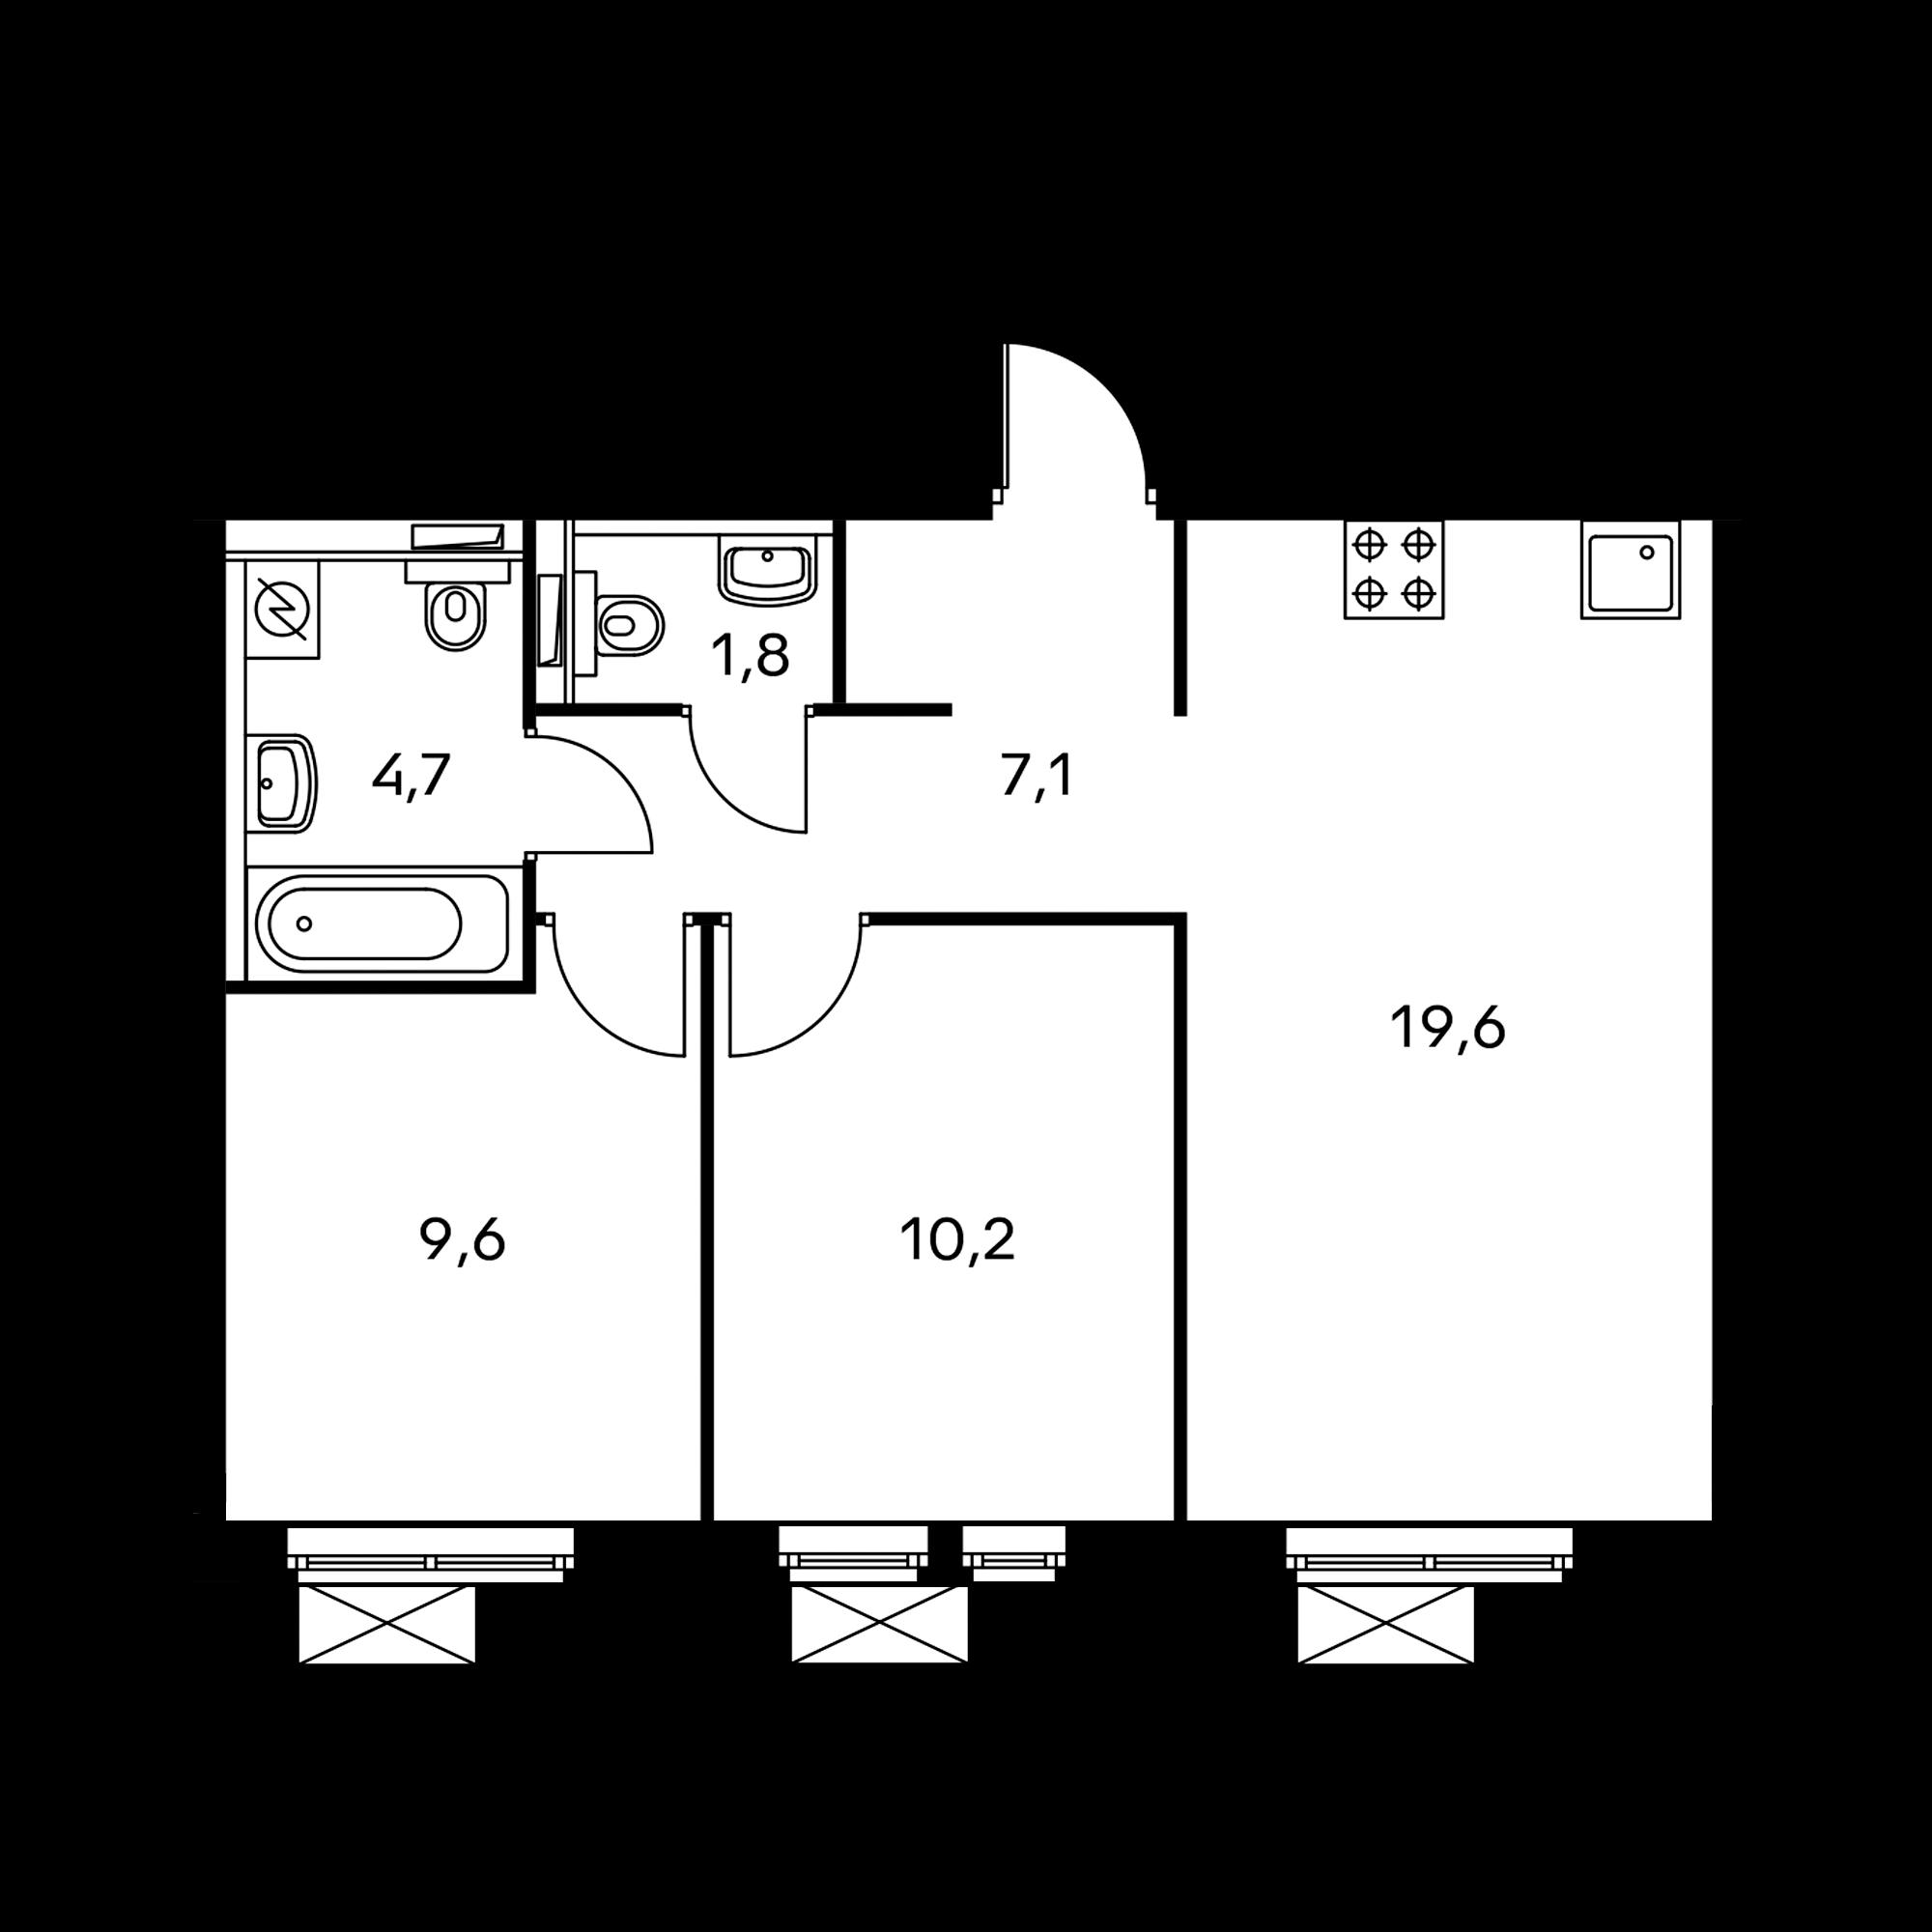 2ES9_9.3-1_S_A1